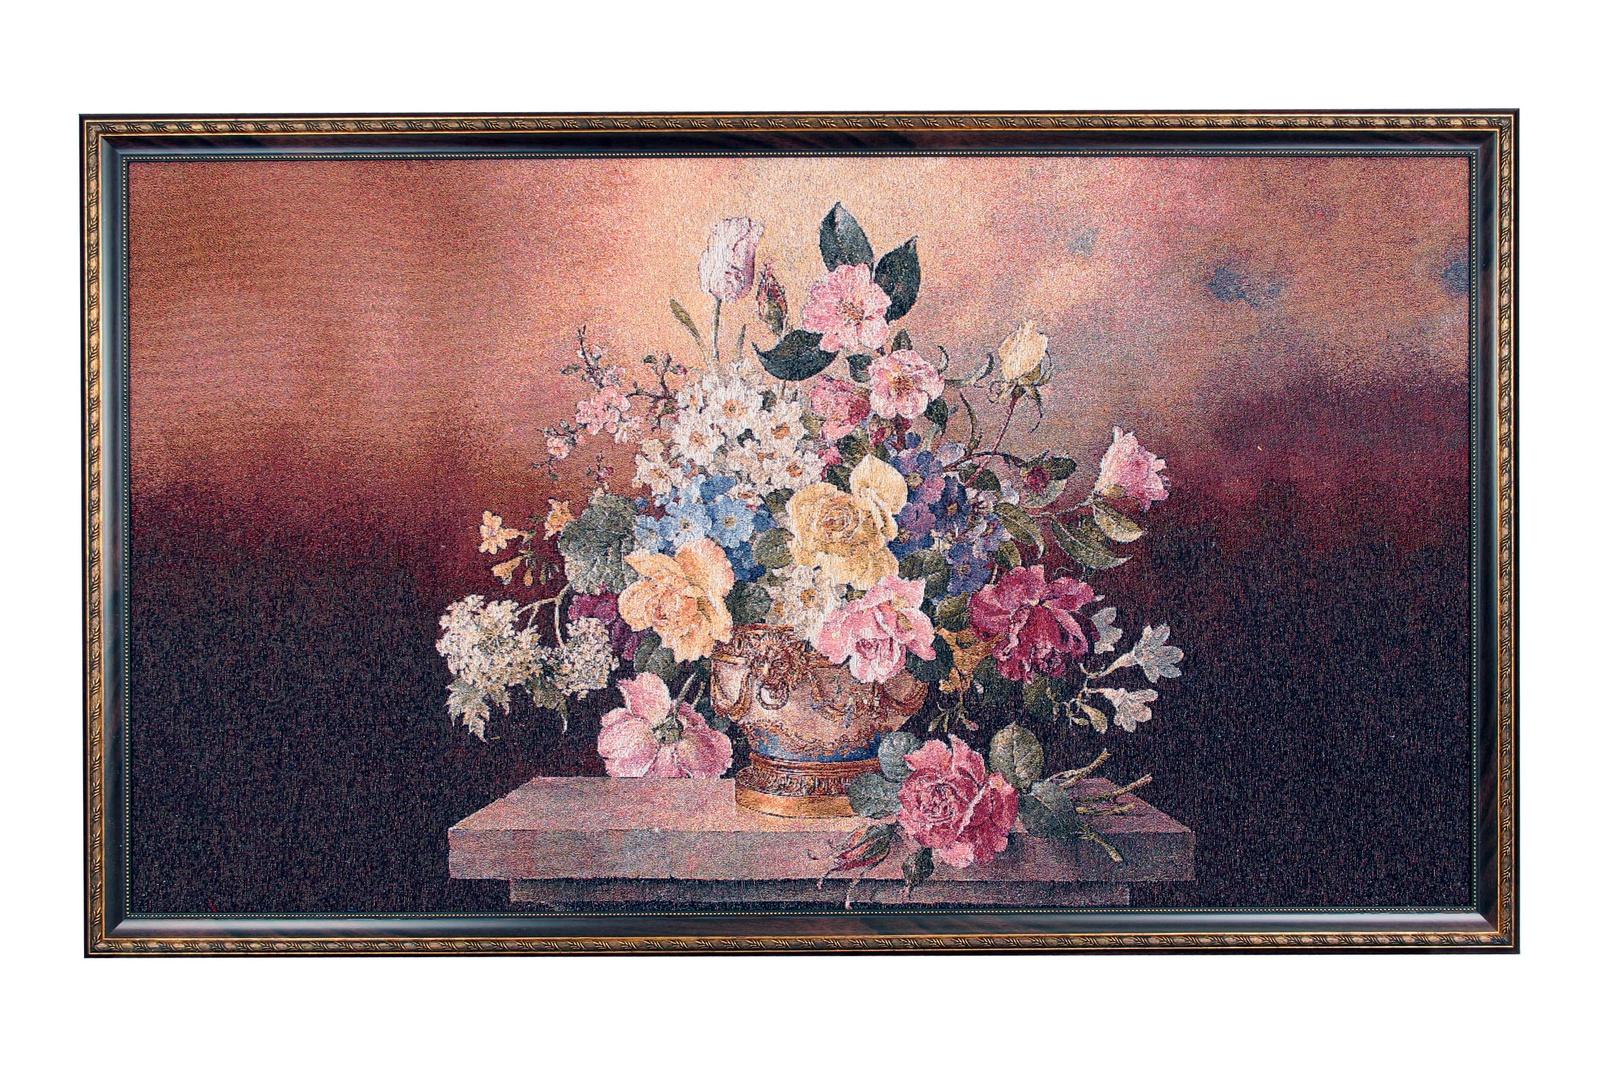 Фото - Картина Магазин гобеленов букет на темном фоне, Гобелен гобелен картина интерьерная магазин гобеленов букет роз бордюр 65 на 85 см